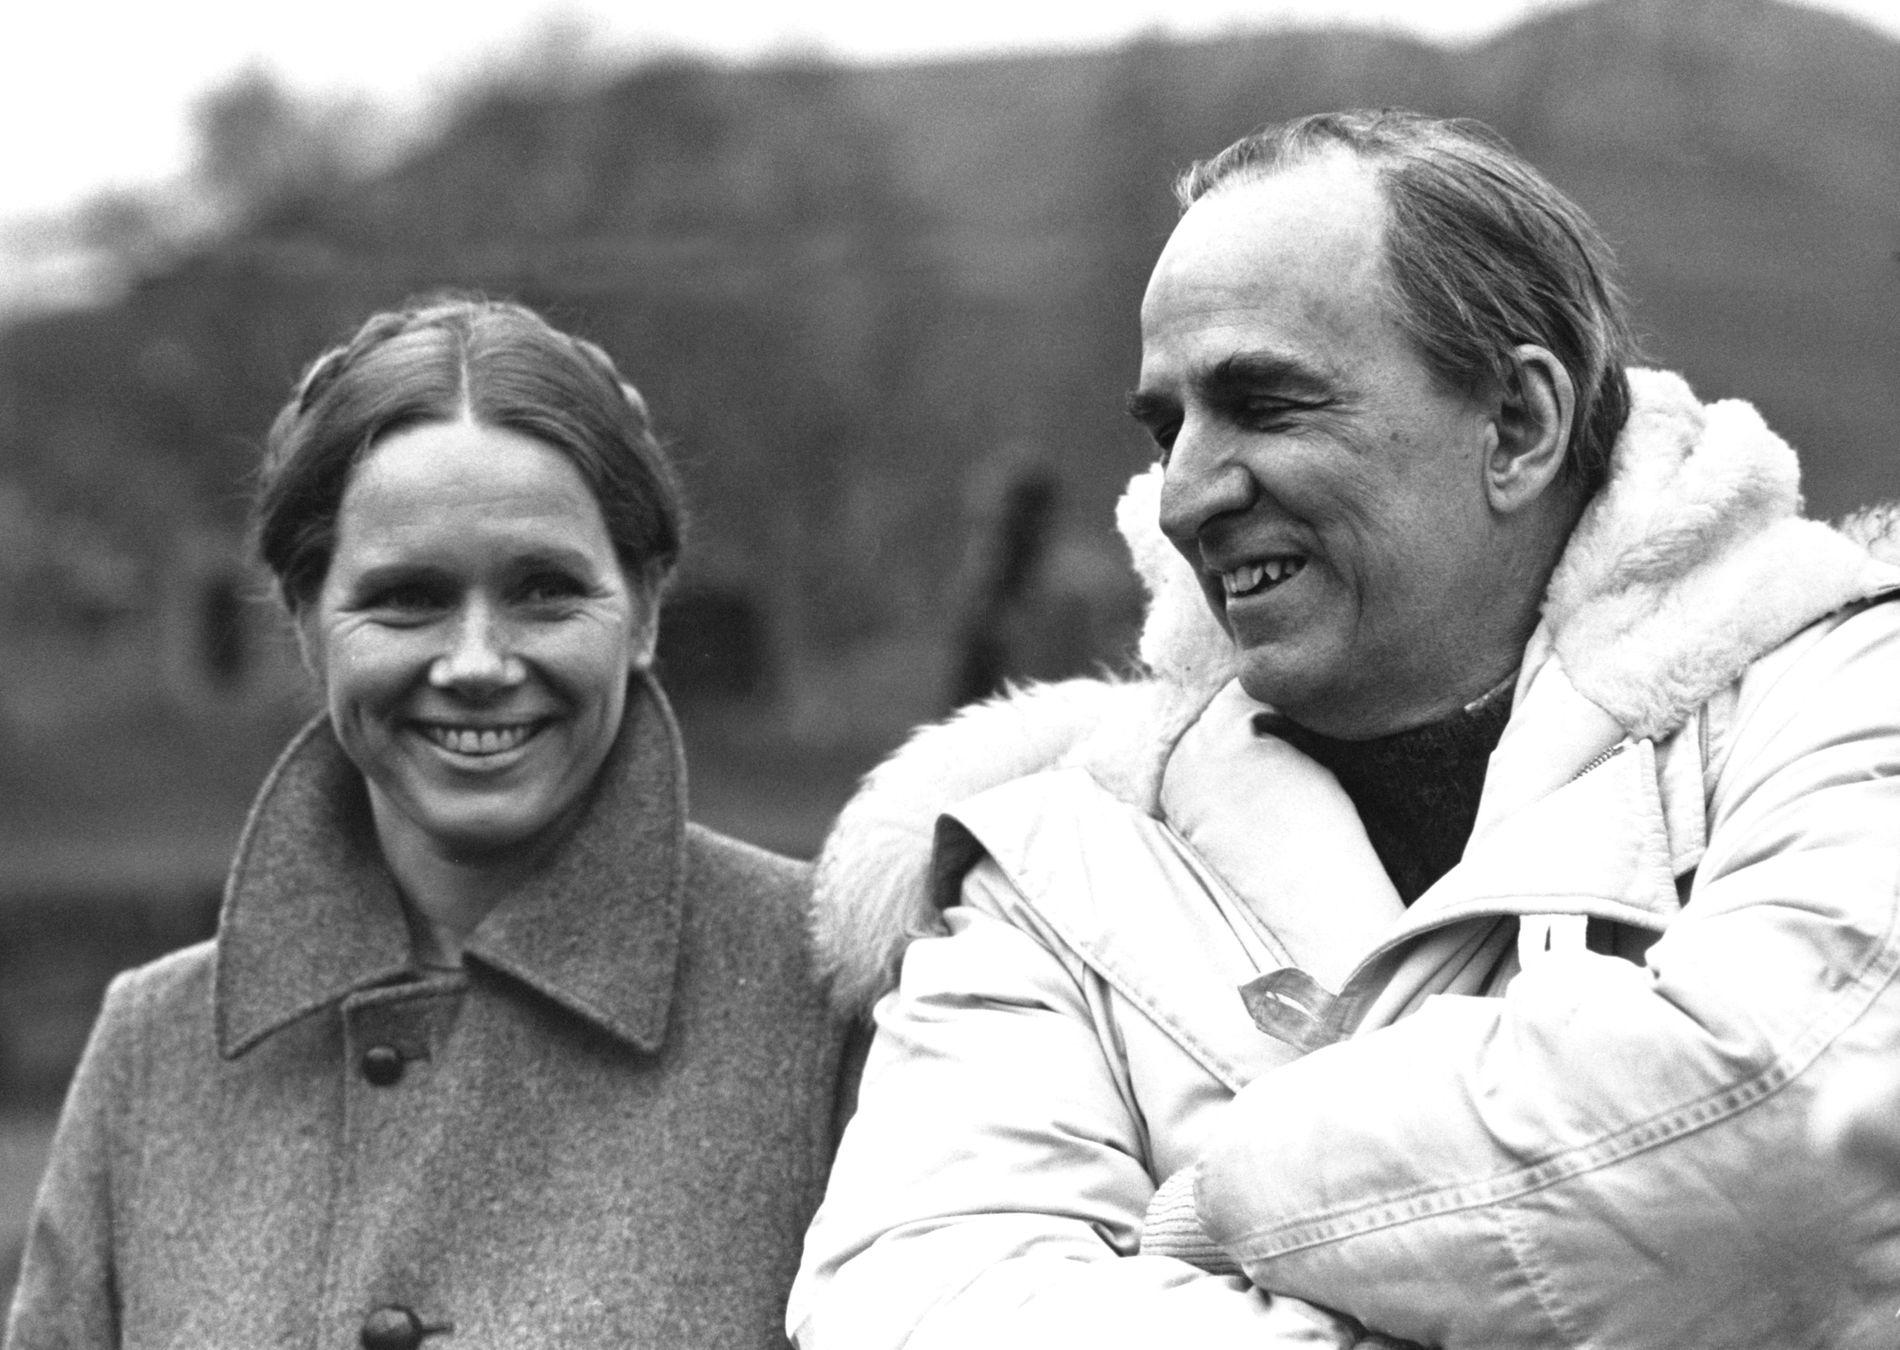 """MED BERGMAN: Ullmann levde sammen med skuespilleren Ingmar Bergman fra 1965 til 1970 og sammen fikk de datteren Linn Ullmann. Her er Liv Ullmann og regissør Ingmar Bergman i forbindelse med filmen """"Høstsonaten"""" i 1978."""